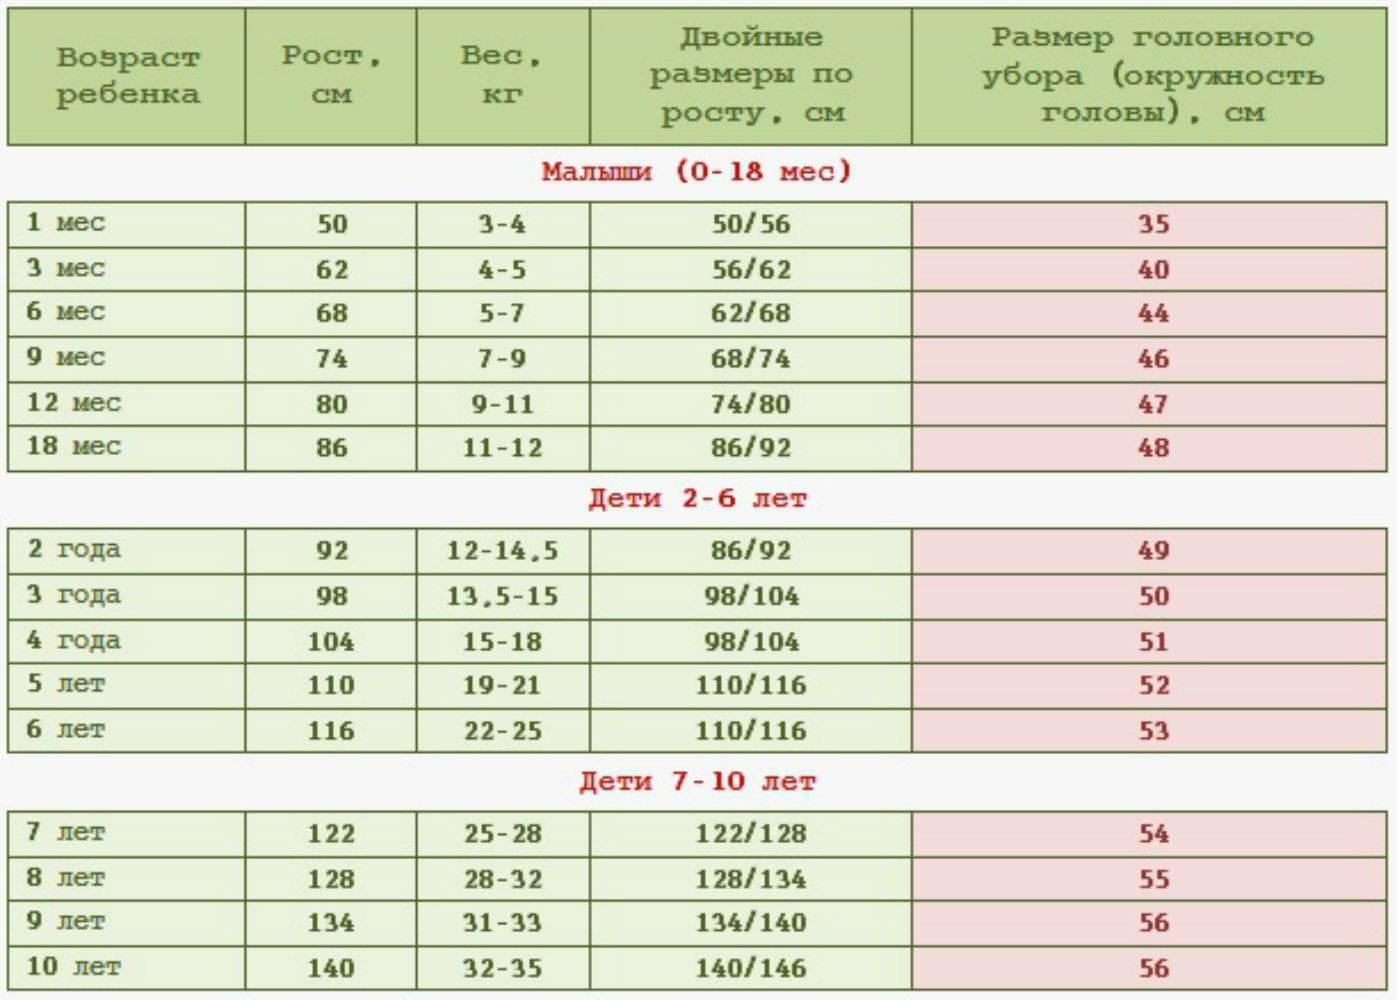 Размер головного убора для детей: таблица